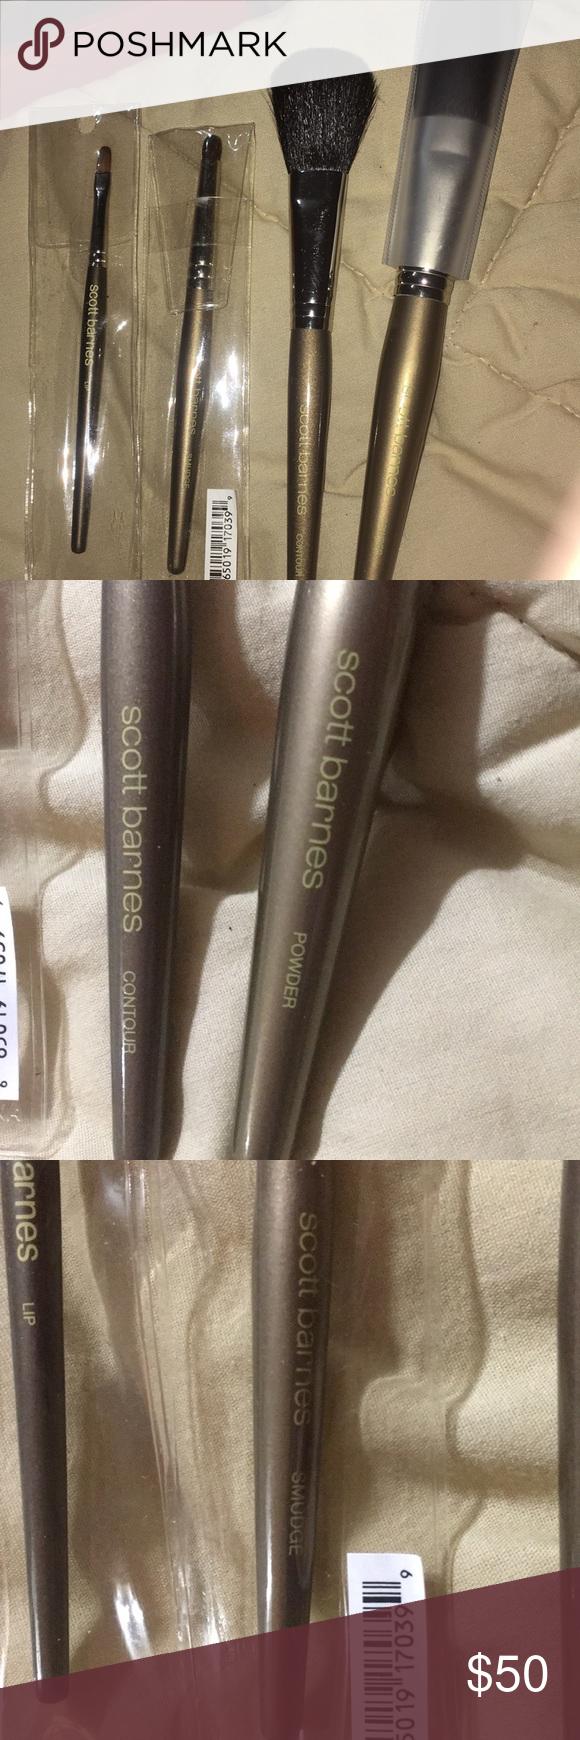 SCOTT BARNES BRUSH SET CONTOUR POWDER SMUDGE LIP Makeup